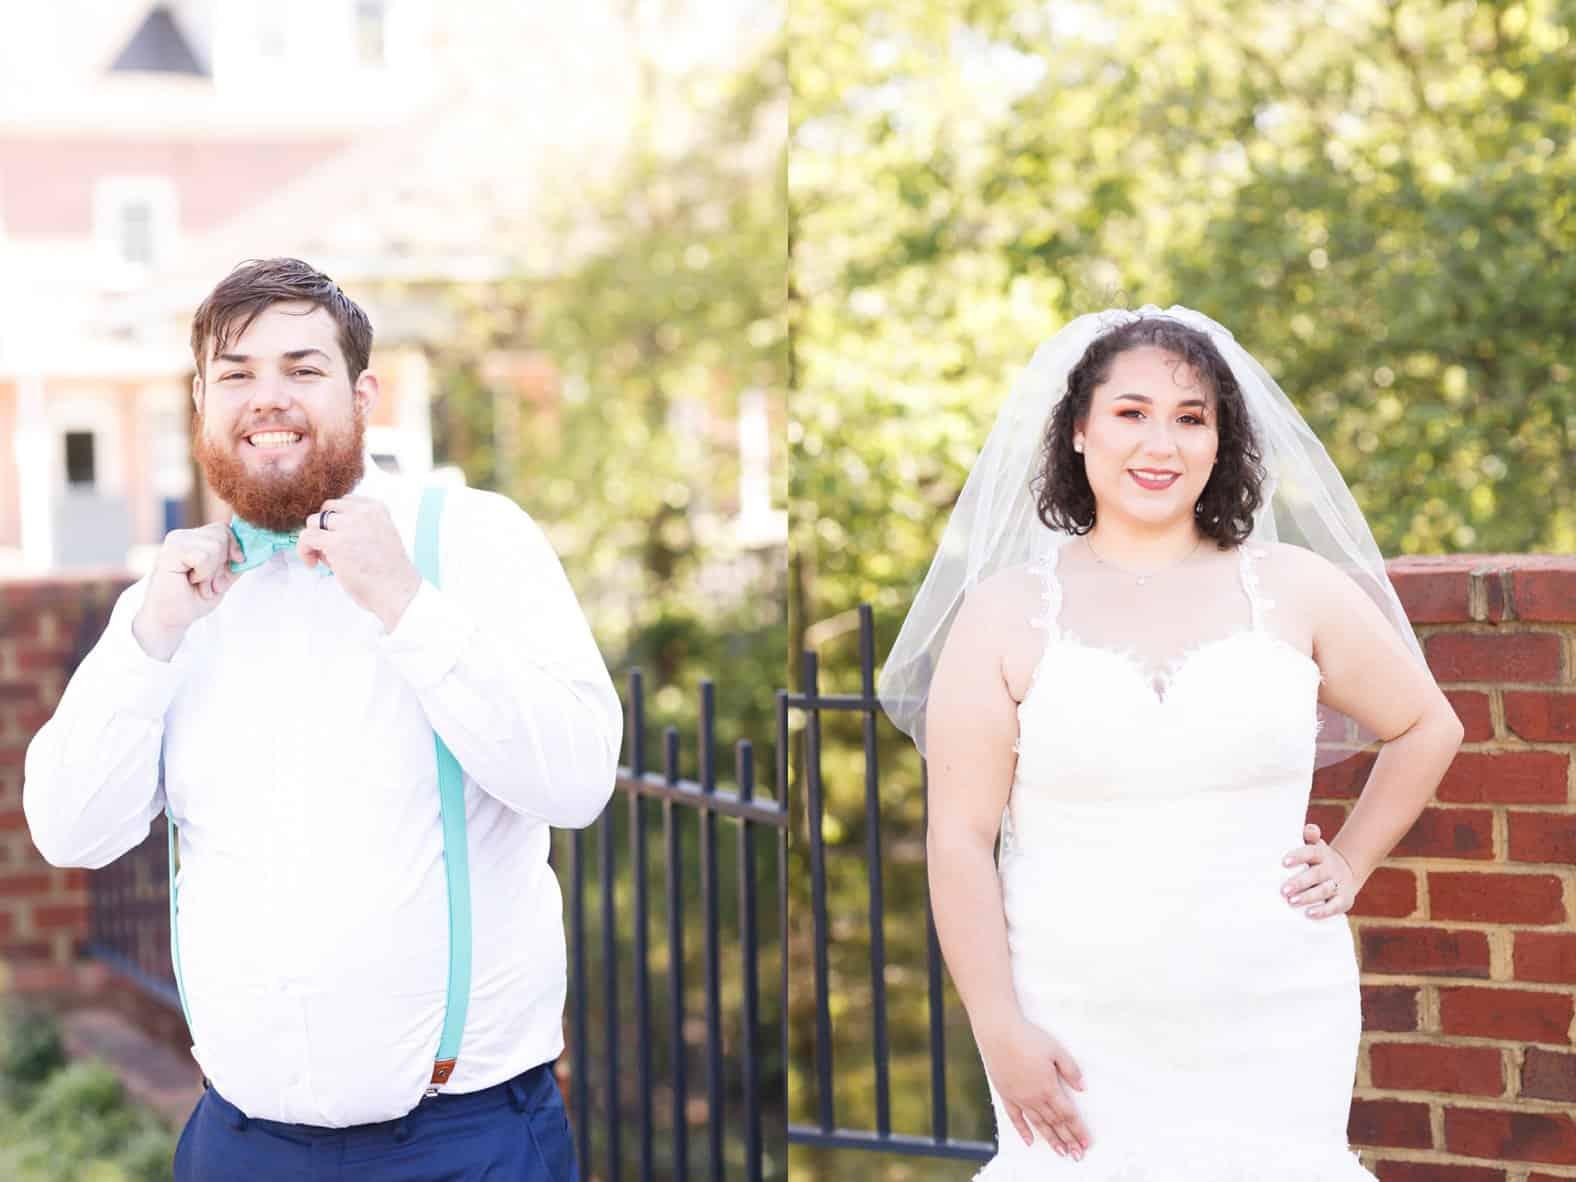 richmond virginia elopement photographer elopement photos